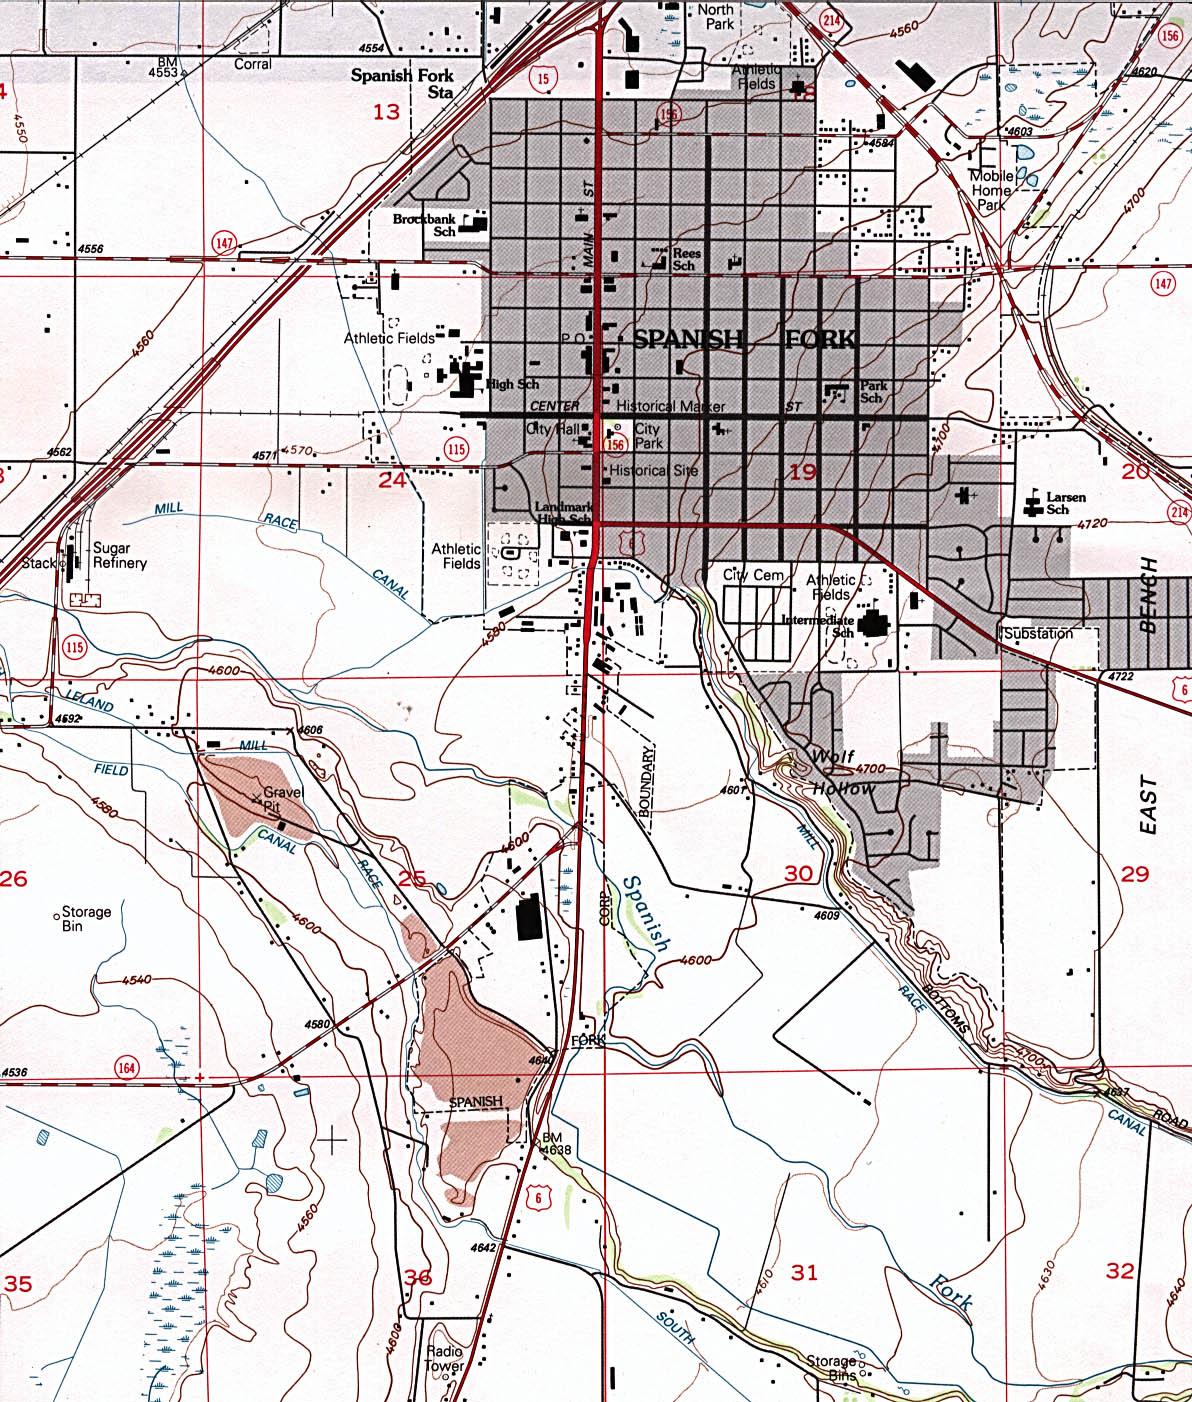 Mapa Topográfico de la Ciudad de Spanish Fork, Utah, Estados Unidos